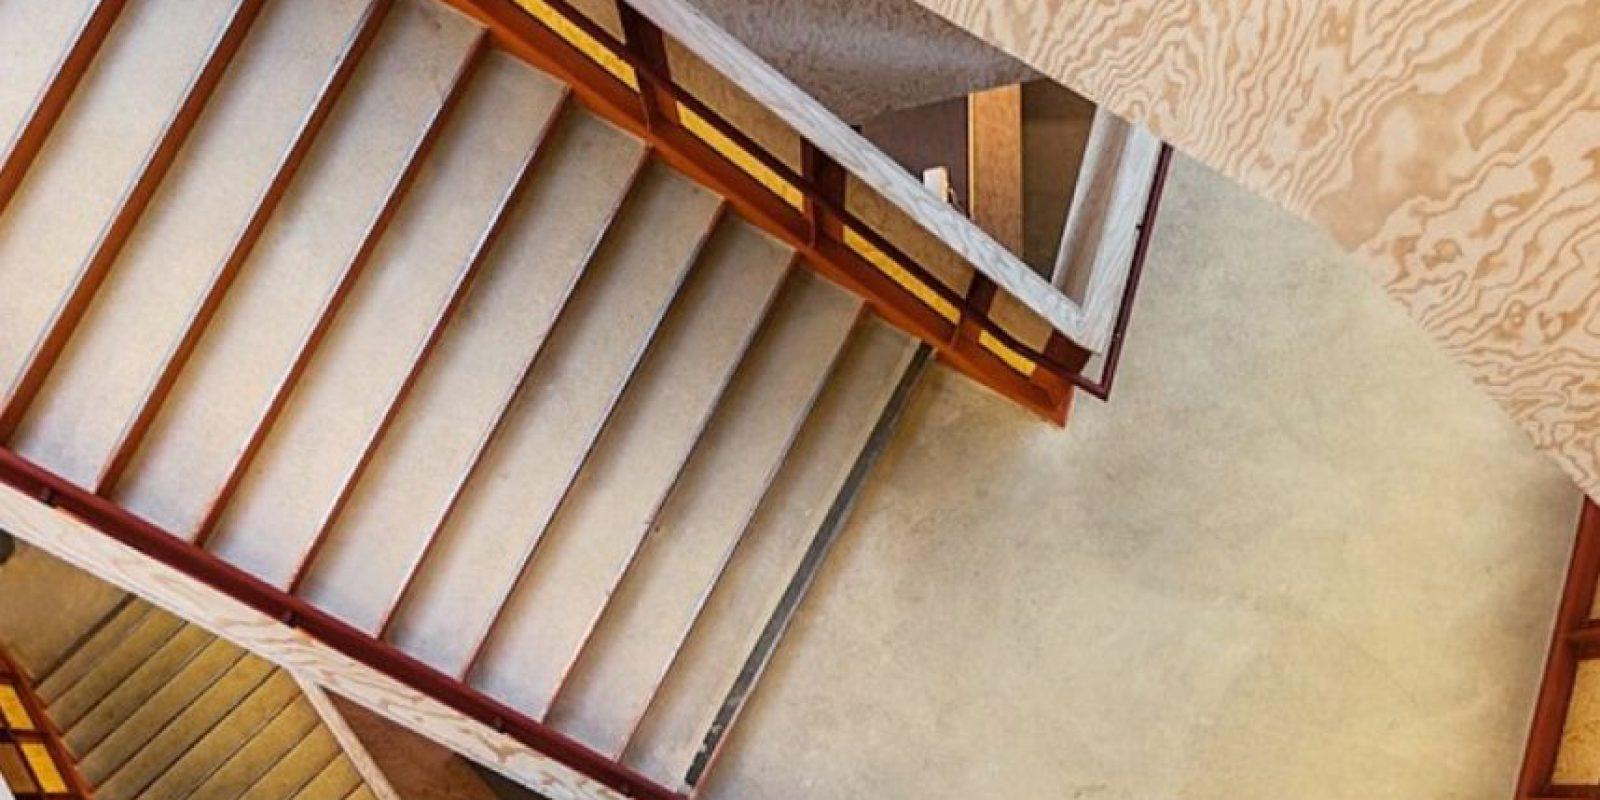 Una escalera del nuevo edificio. Foto:instagram.com/tobyharriman